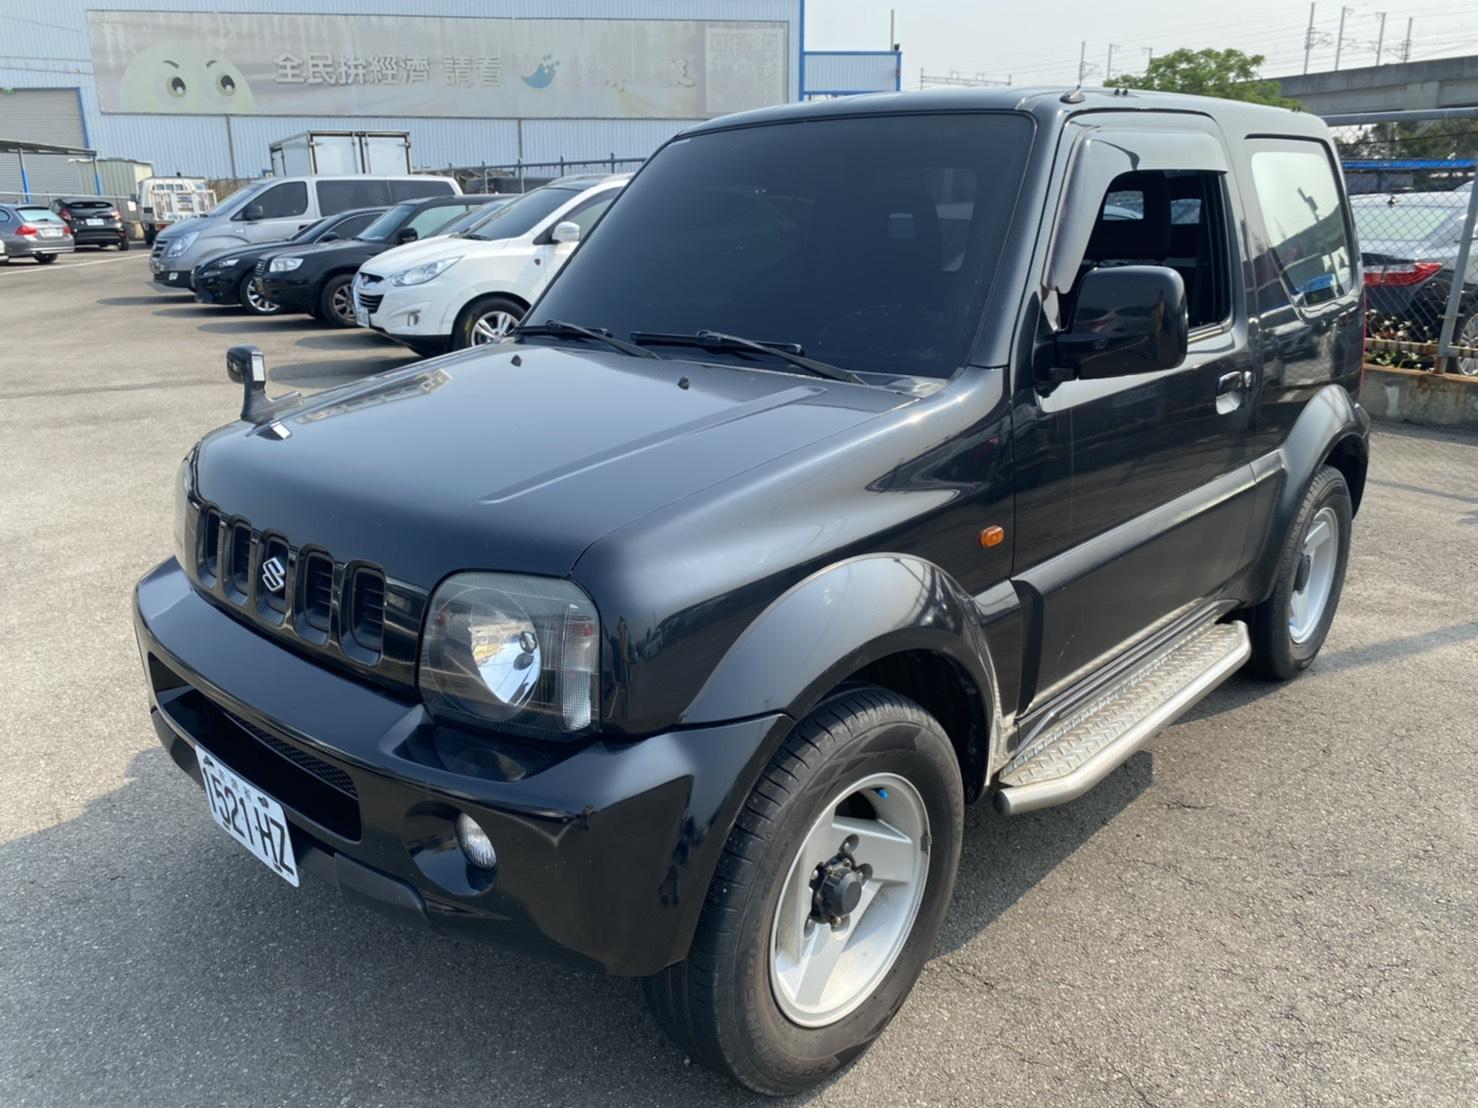 2004 Suzuki 鈴木 Jimny